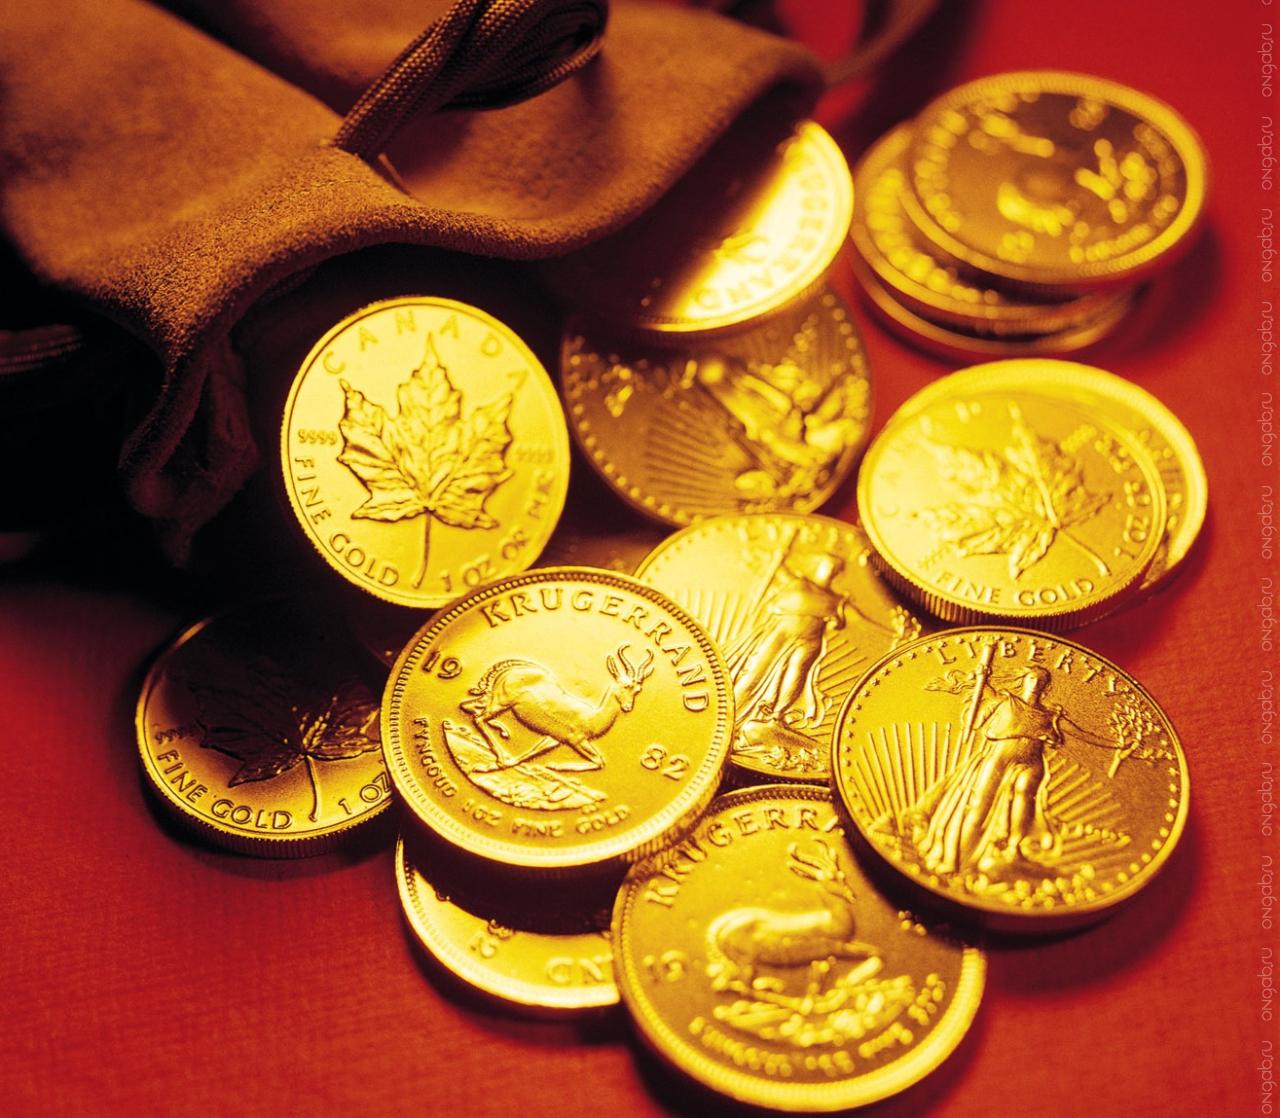 More,more gold. Быстрый заработок золотых монет.